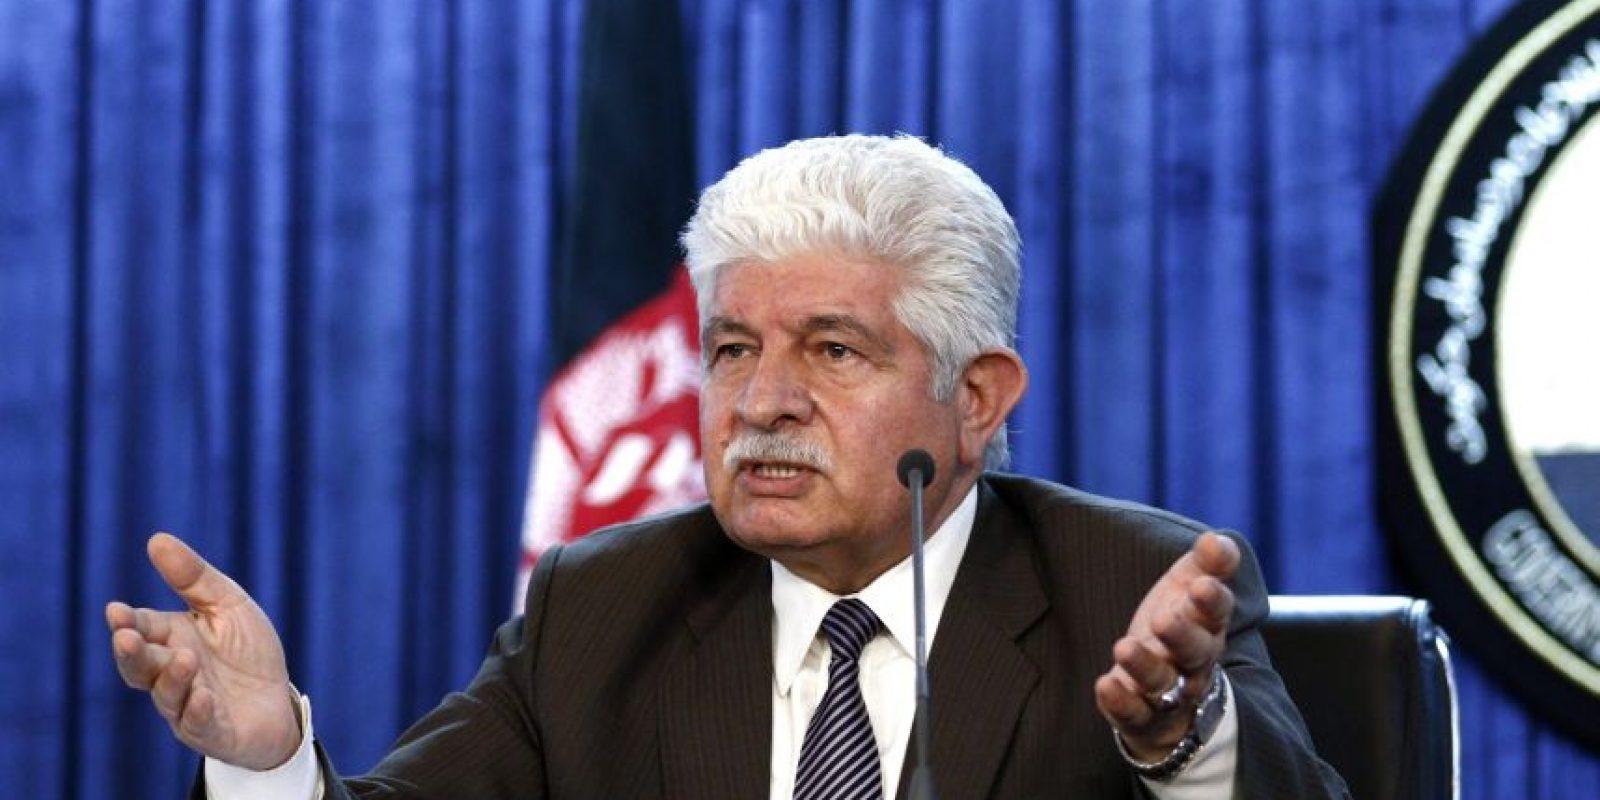 El portavoz del ministerio de Defensa afgano, Dawlat Wazir, confirmó el fallecimiento Foto:EFE